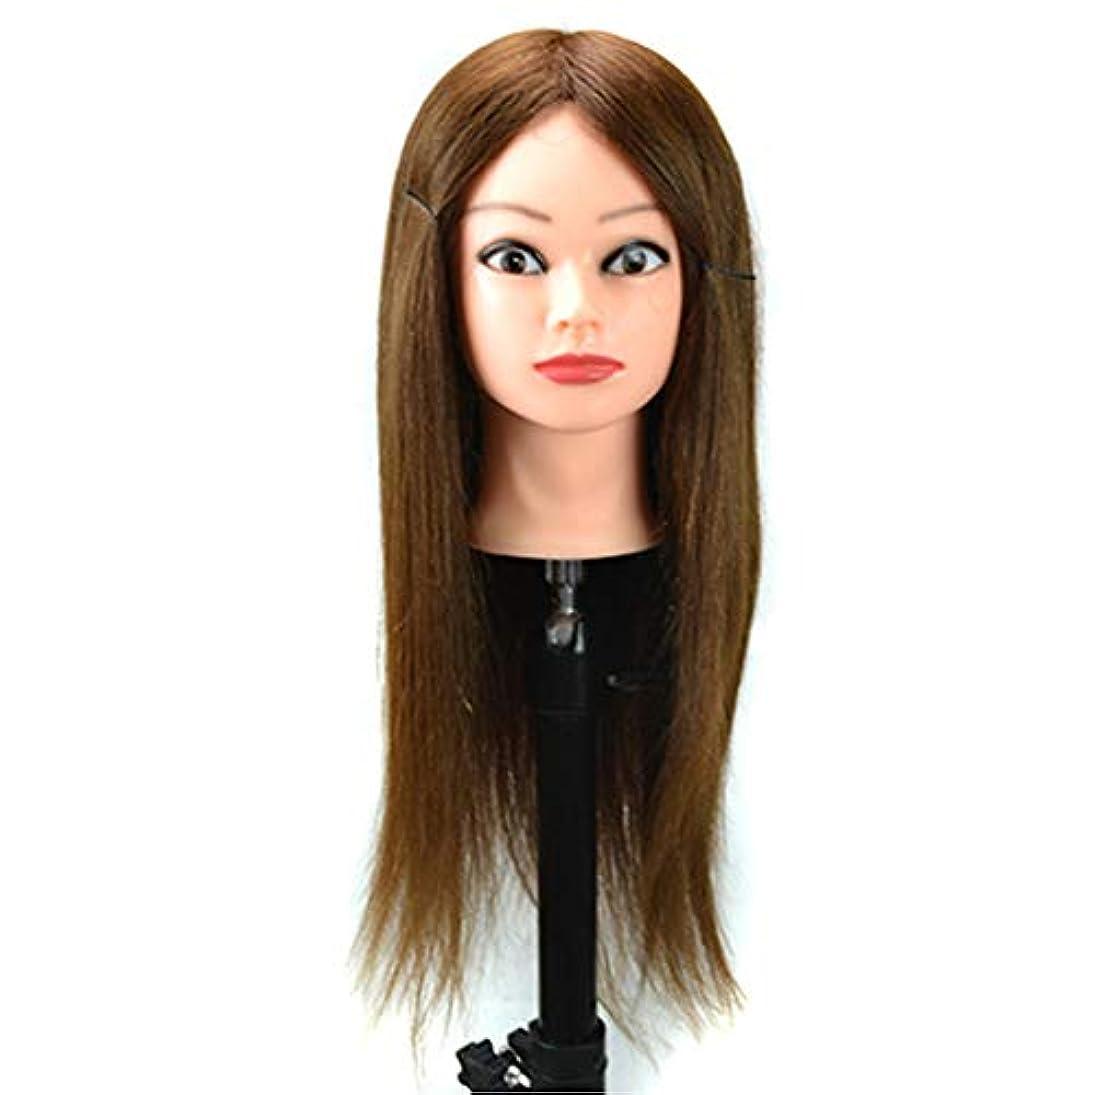 ピケスペクトラム前書き完全な毛は小さいブラケットが付いている熱いロールマネキンの頭部のヘアーサロンのトリミングの頭部の花嫁の形の毛の訓練の頭部である場合もあります,Brown